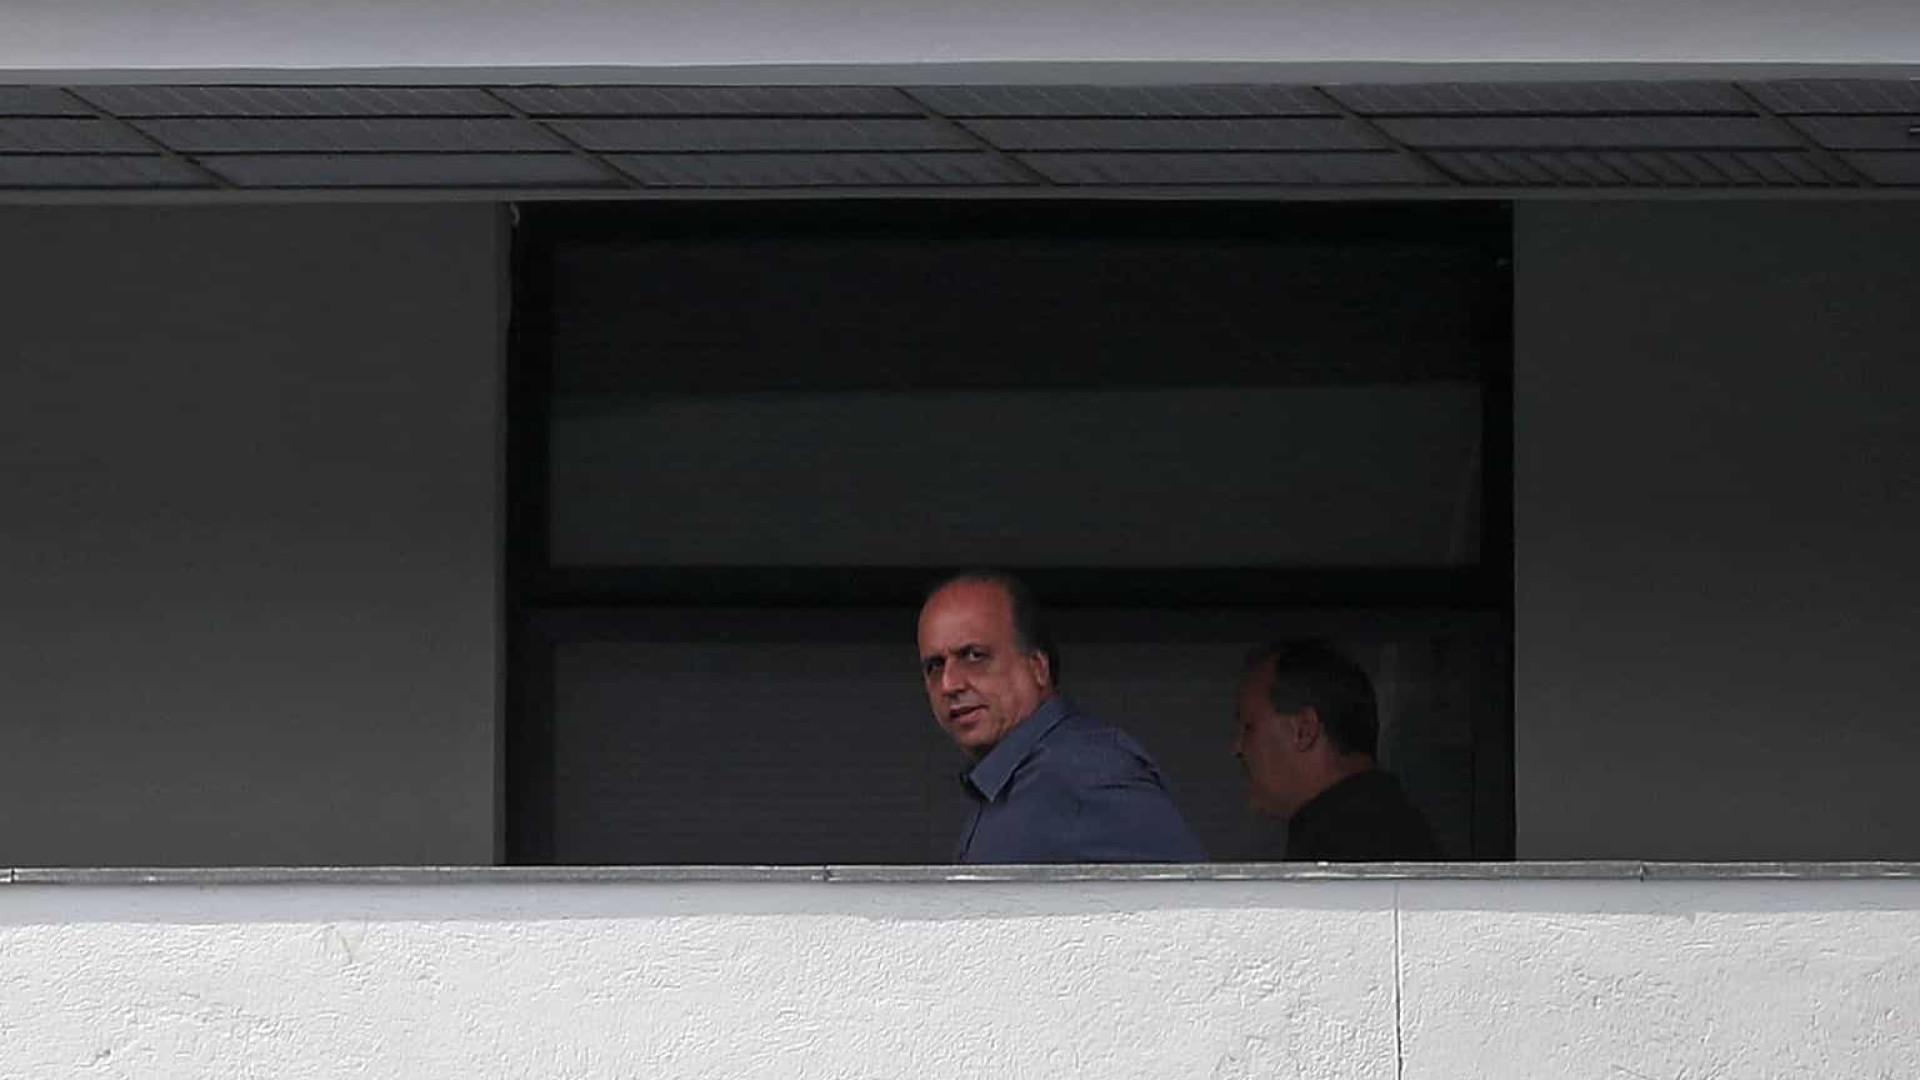 Tribunal de Justiça manda libertar ex-governador do Rio de Janeiro